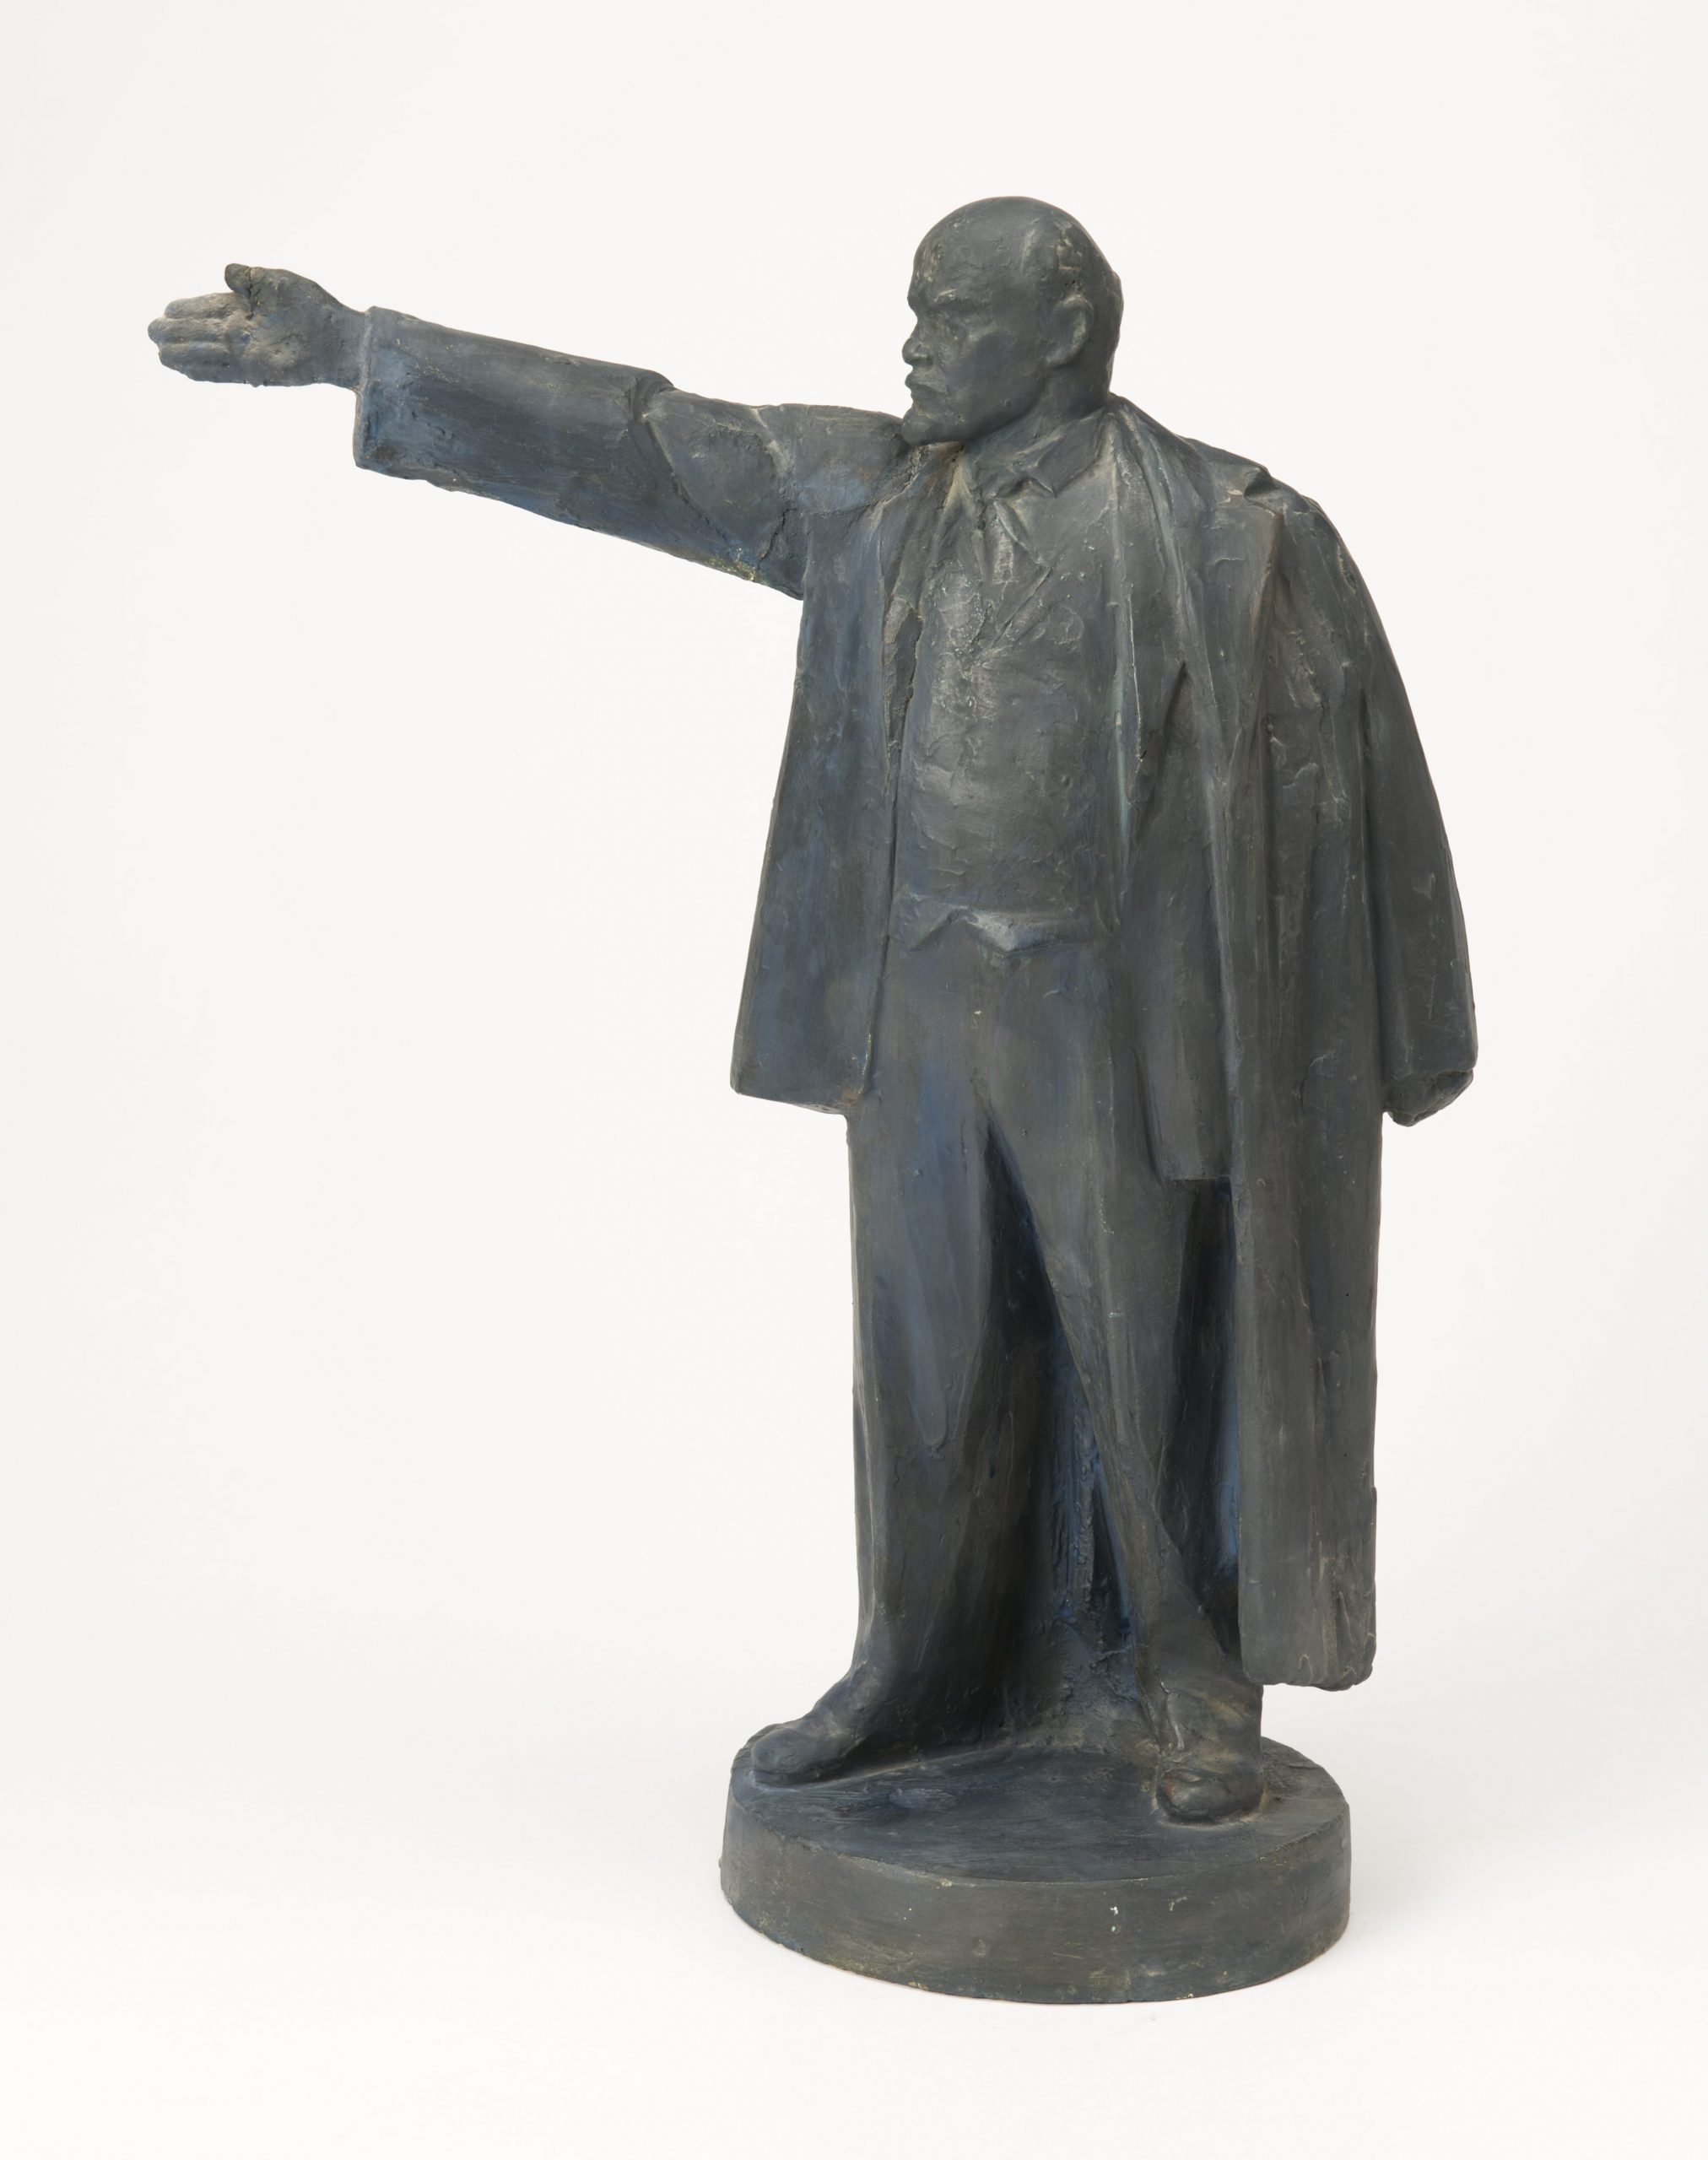 Скульптура «В.И. Ленин». Проект памятника для Дворца Советов